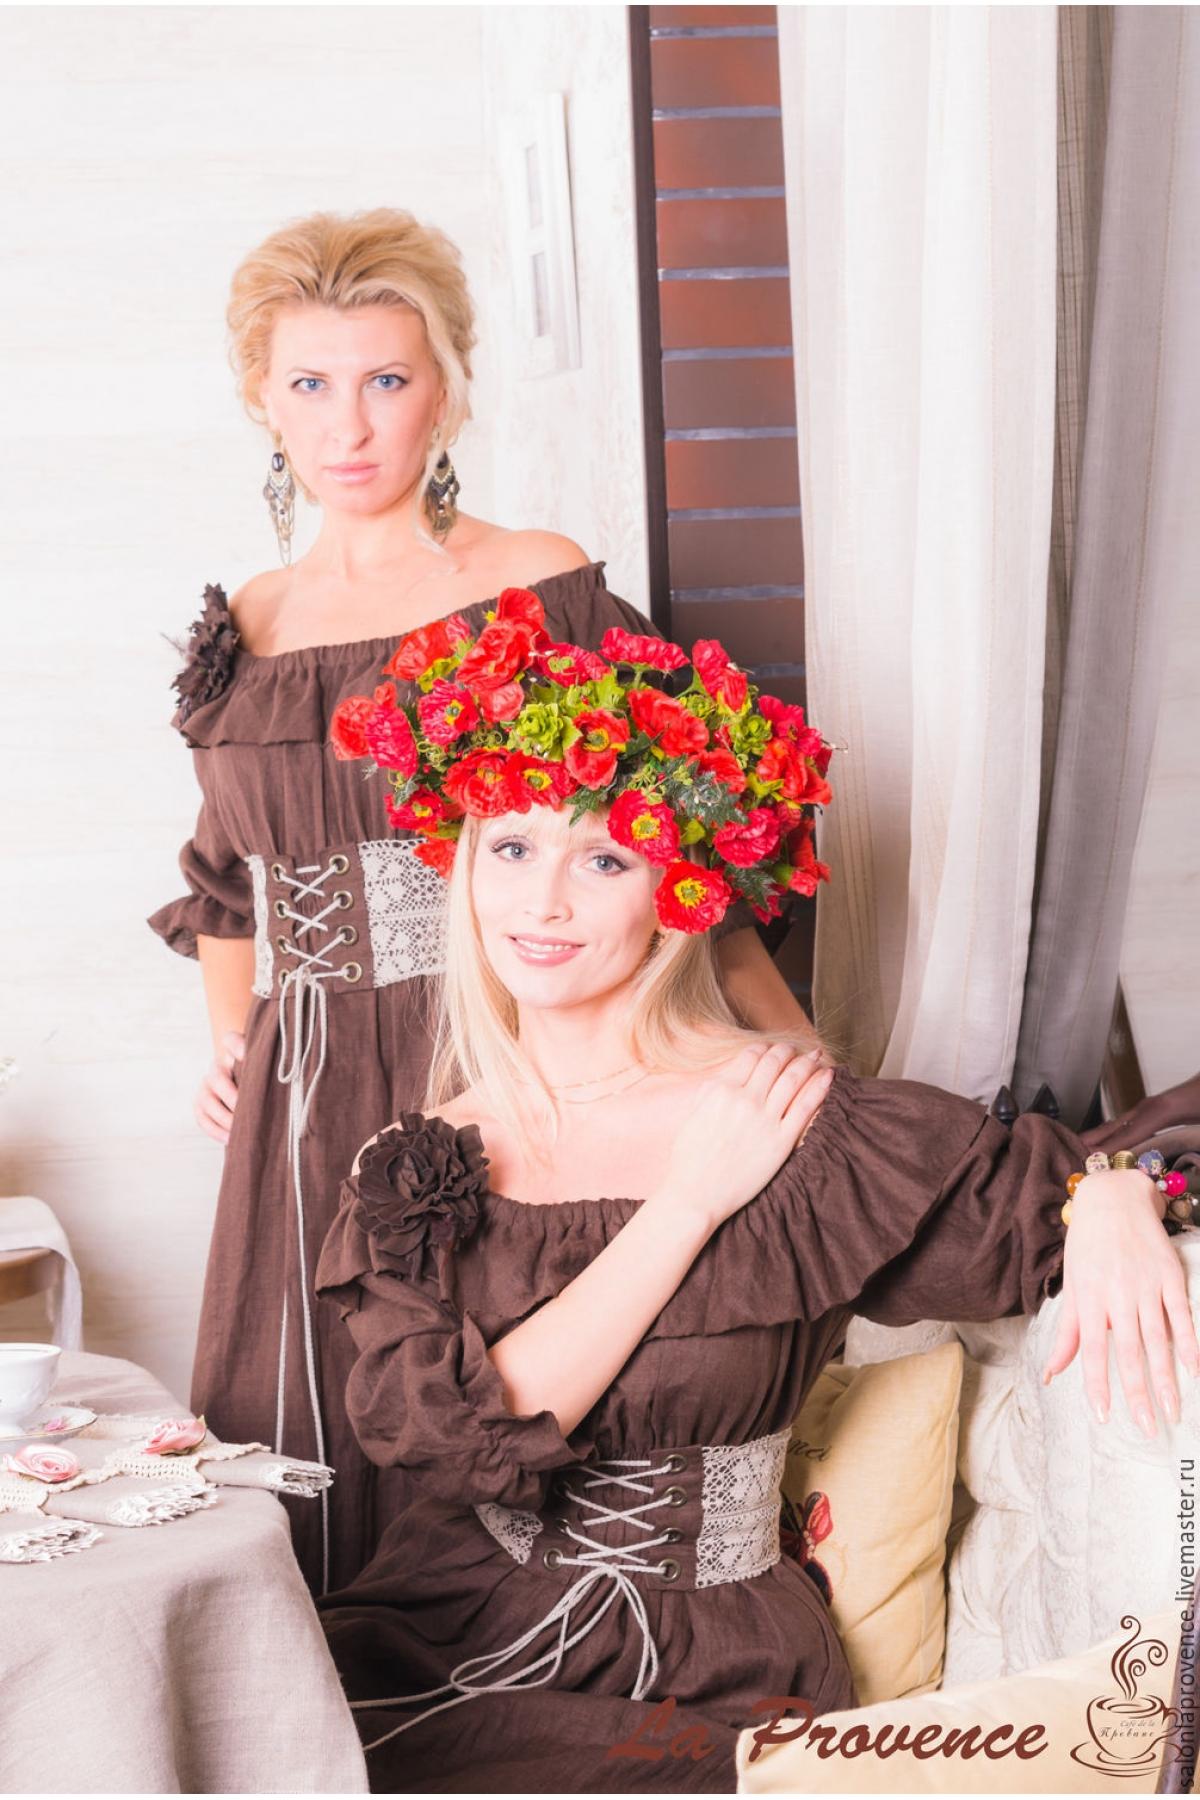 Копия работы Платье льняное с поясом в стиле БОХО - suzdalshop